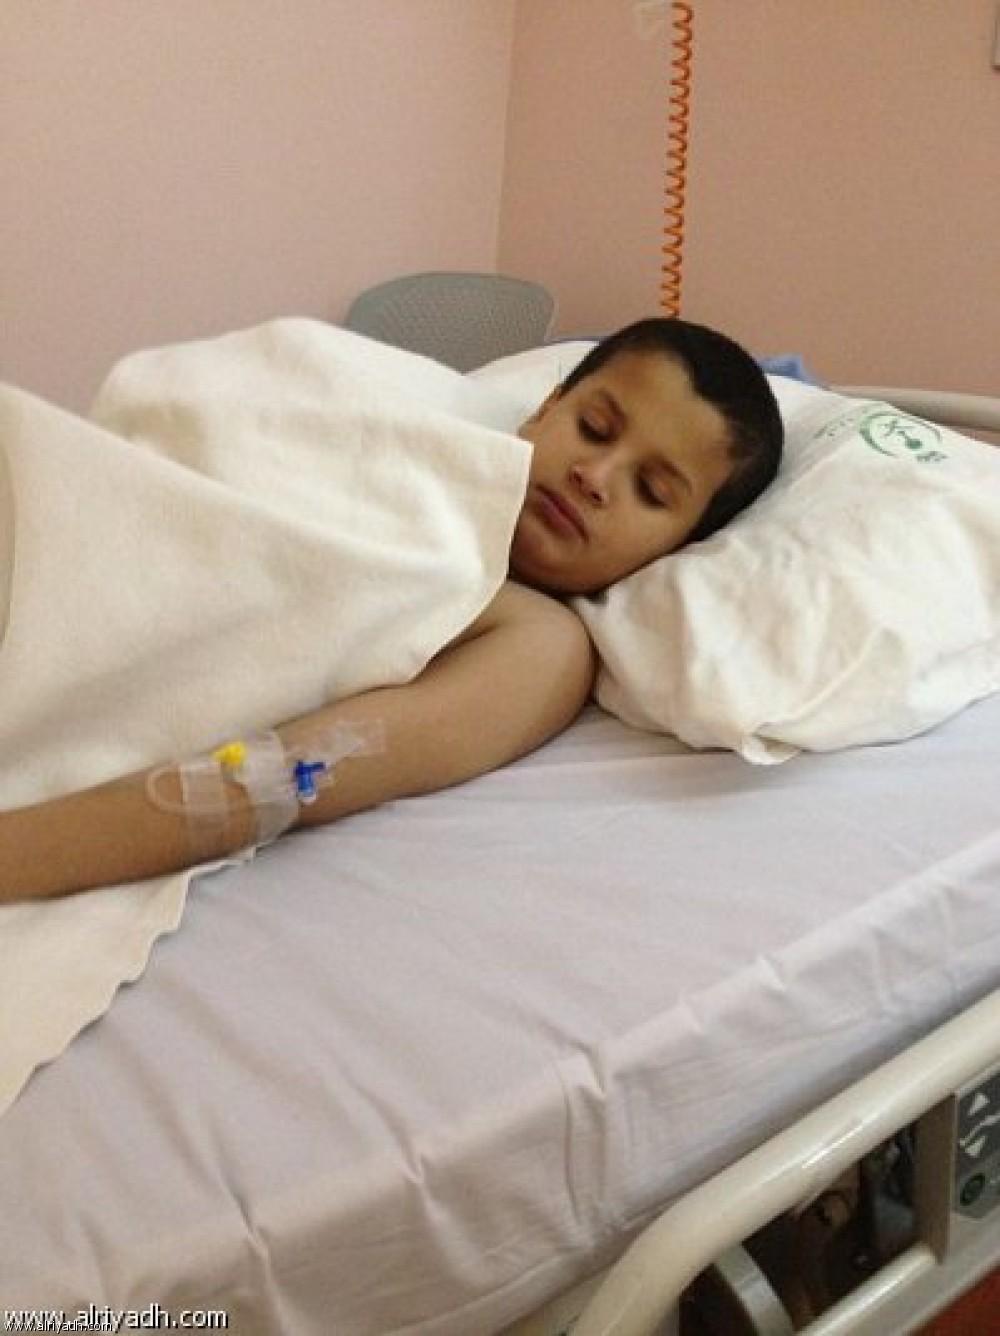 مصرع طفل بعد دخول (حبة عدسية) في قصبته الهوائية وعدم تمكن المختصين في المستشفى من انقاذه.